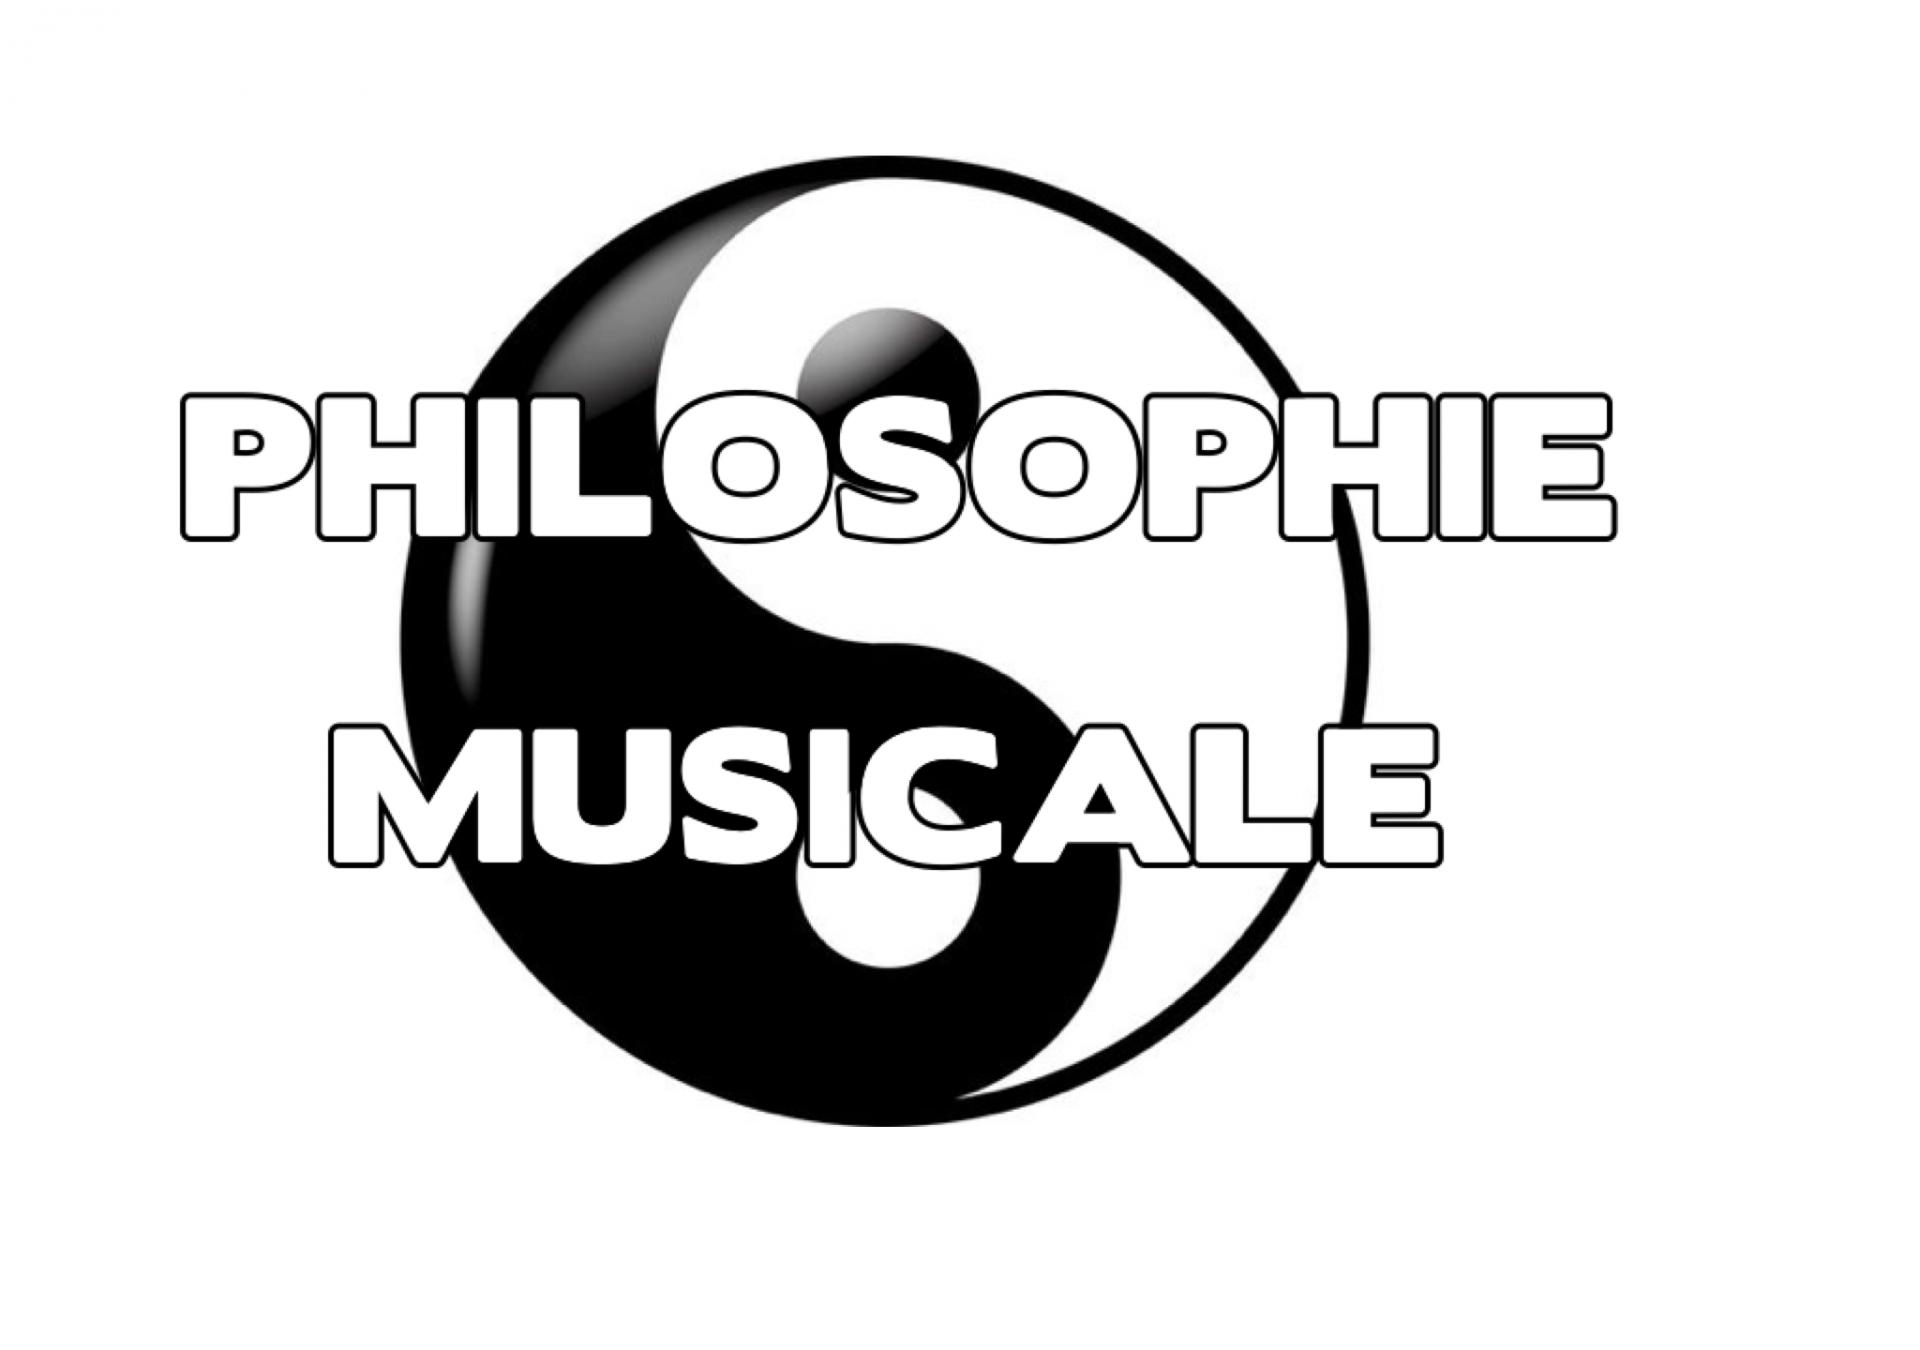 Philosophie musicale